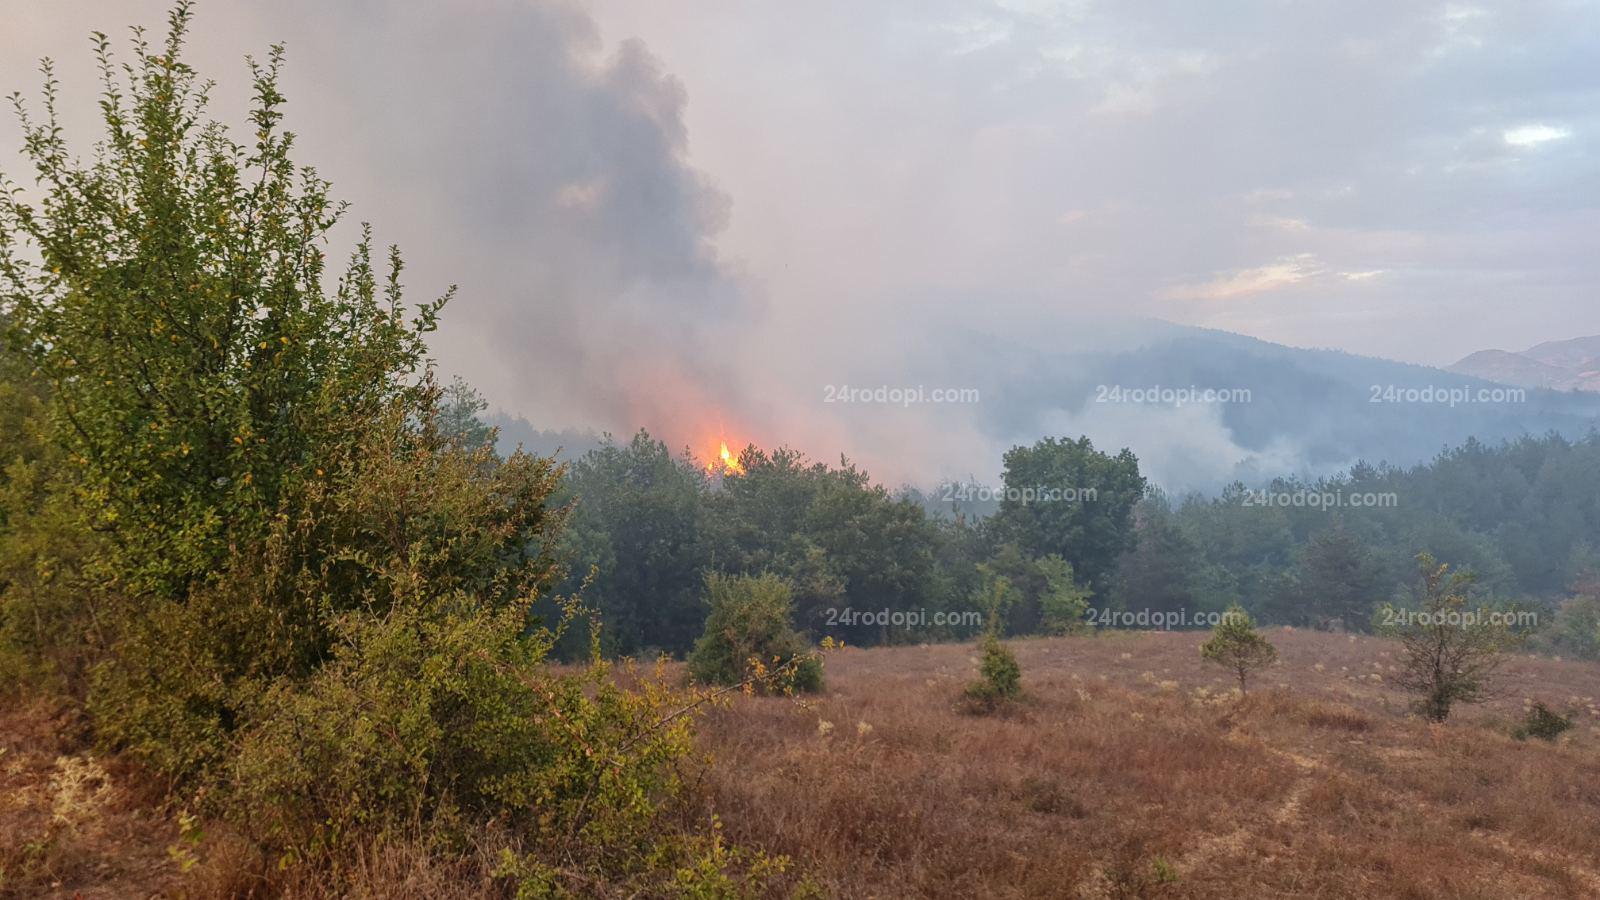 ВИДЕО: Вятър със скорост 61 км/ч и огнен ад край Старово и Самодива! Десетки срещу стихията